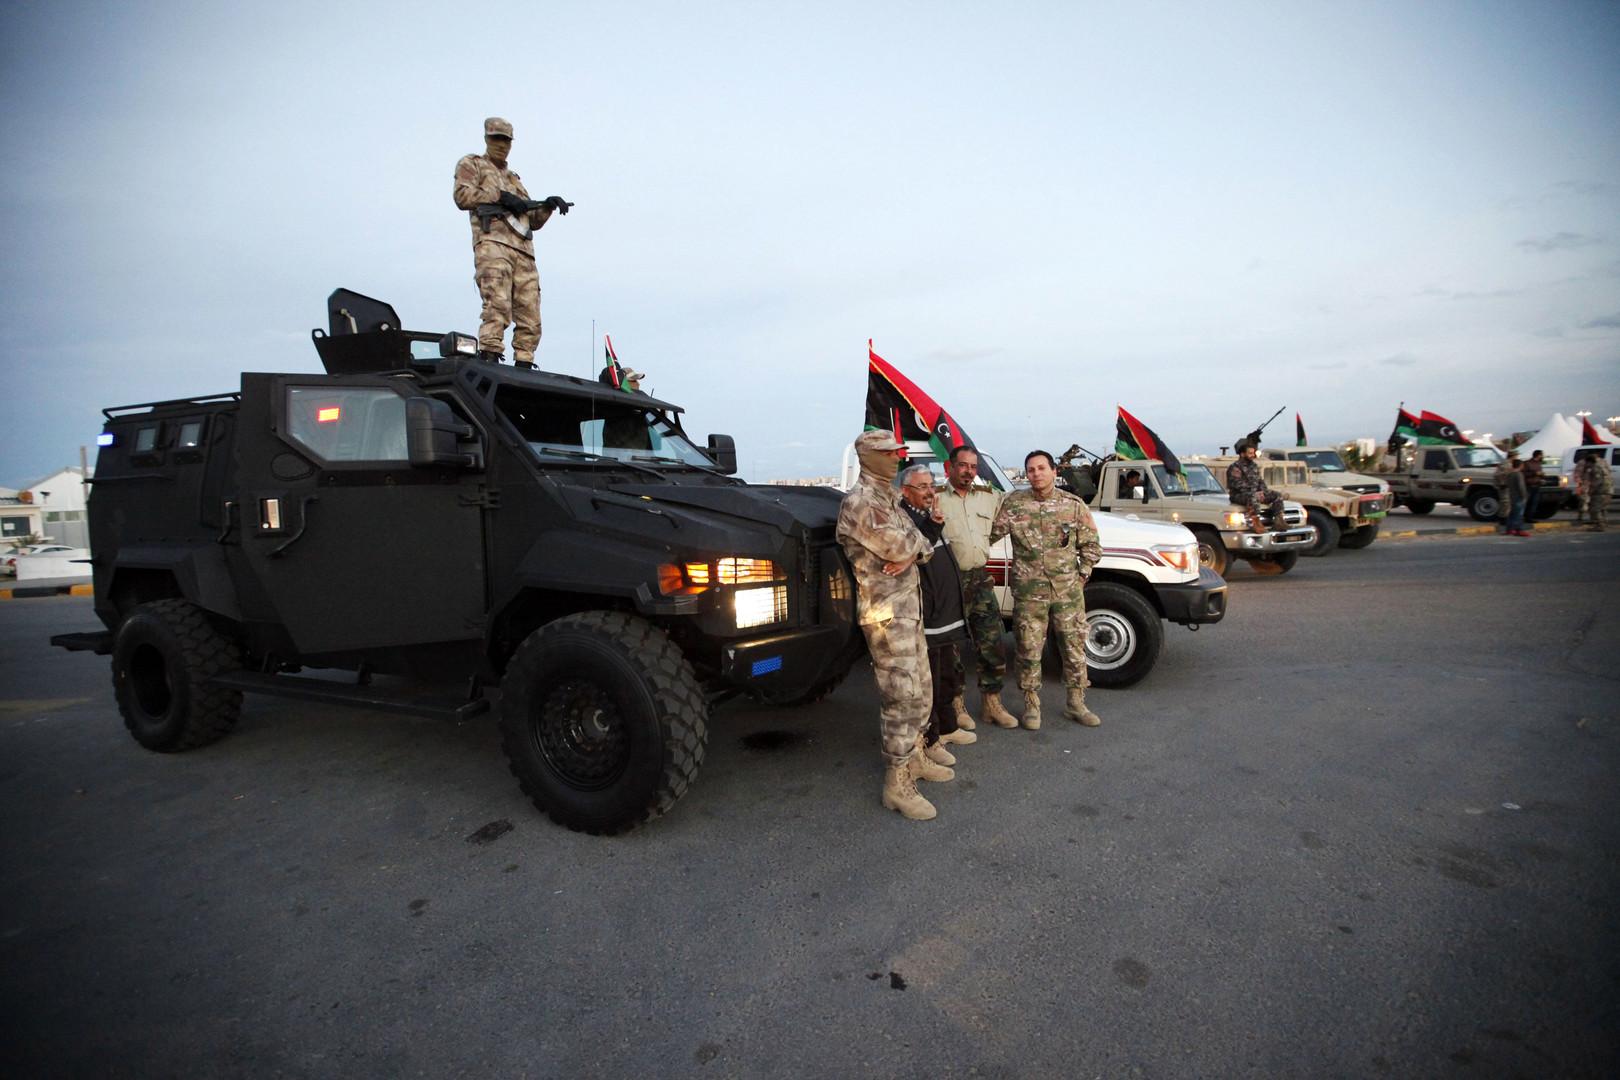 القاهرة: نتابع باهتمام إنشاء قوة دولية لمساندة حكومة الوحدة الوطنية المرتقبة في ليبيا